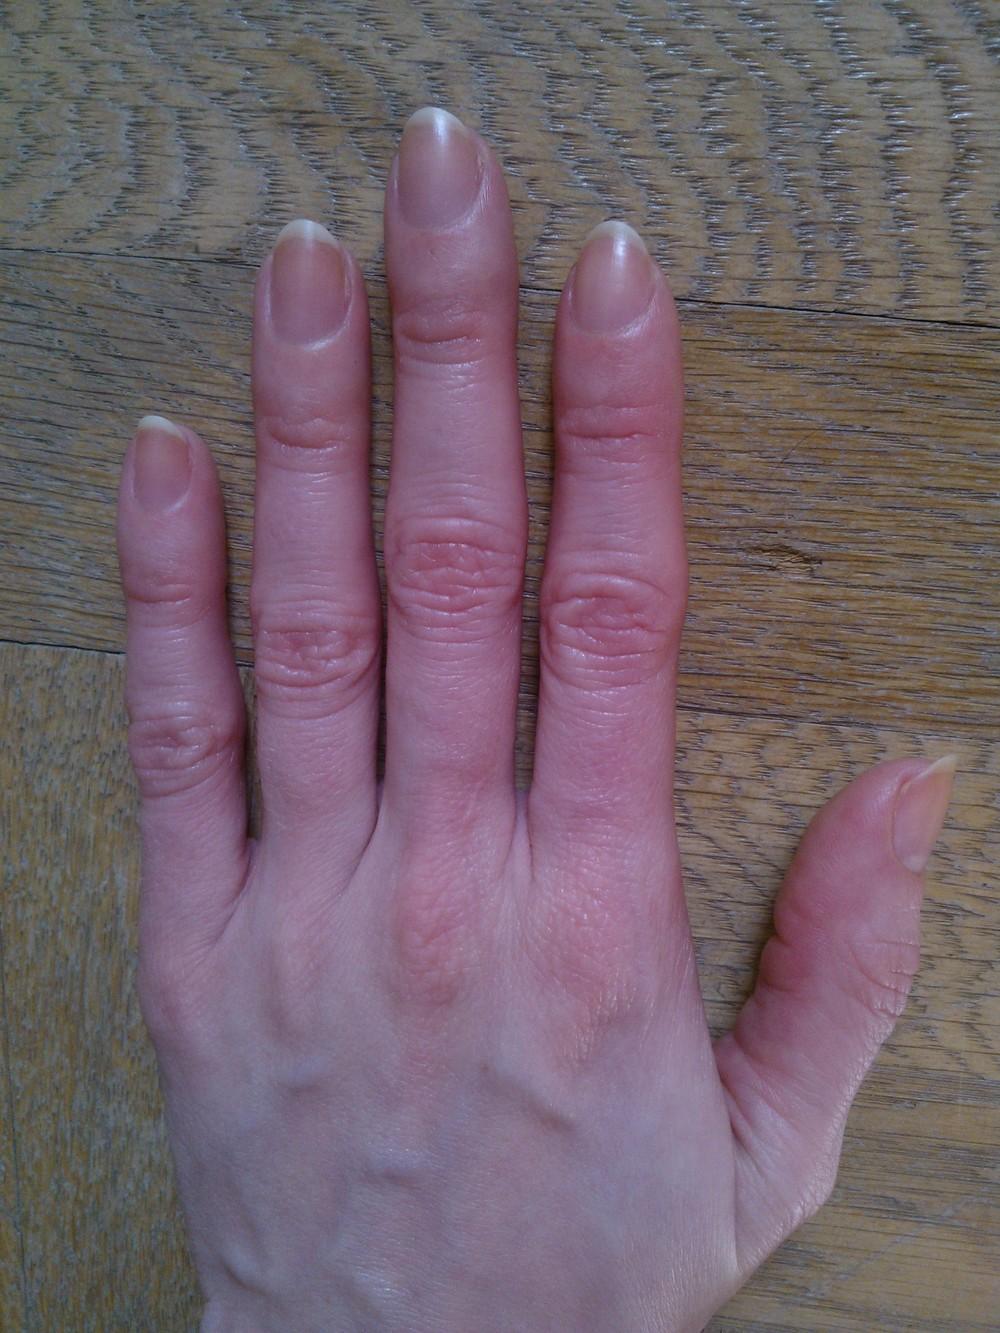 Začíname pestovať. Nechty môžete v tomto kroku, ak si ich neobhrýzate, nechať nenalakované, lepšie budú vstrebávať olejček a krém. Nezabúdajte na rukavice pri kontakte so saponátmi.